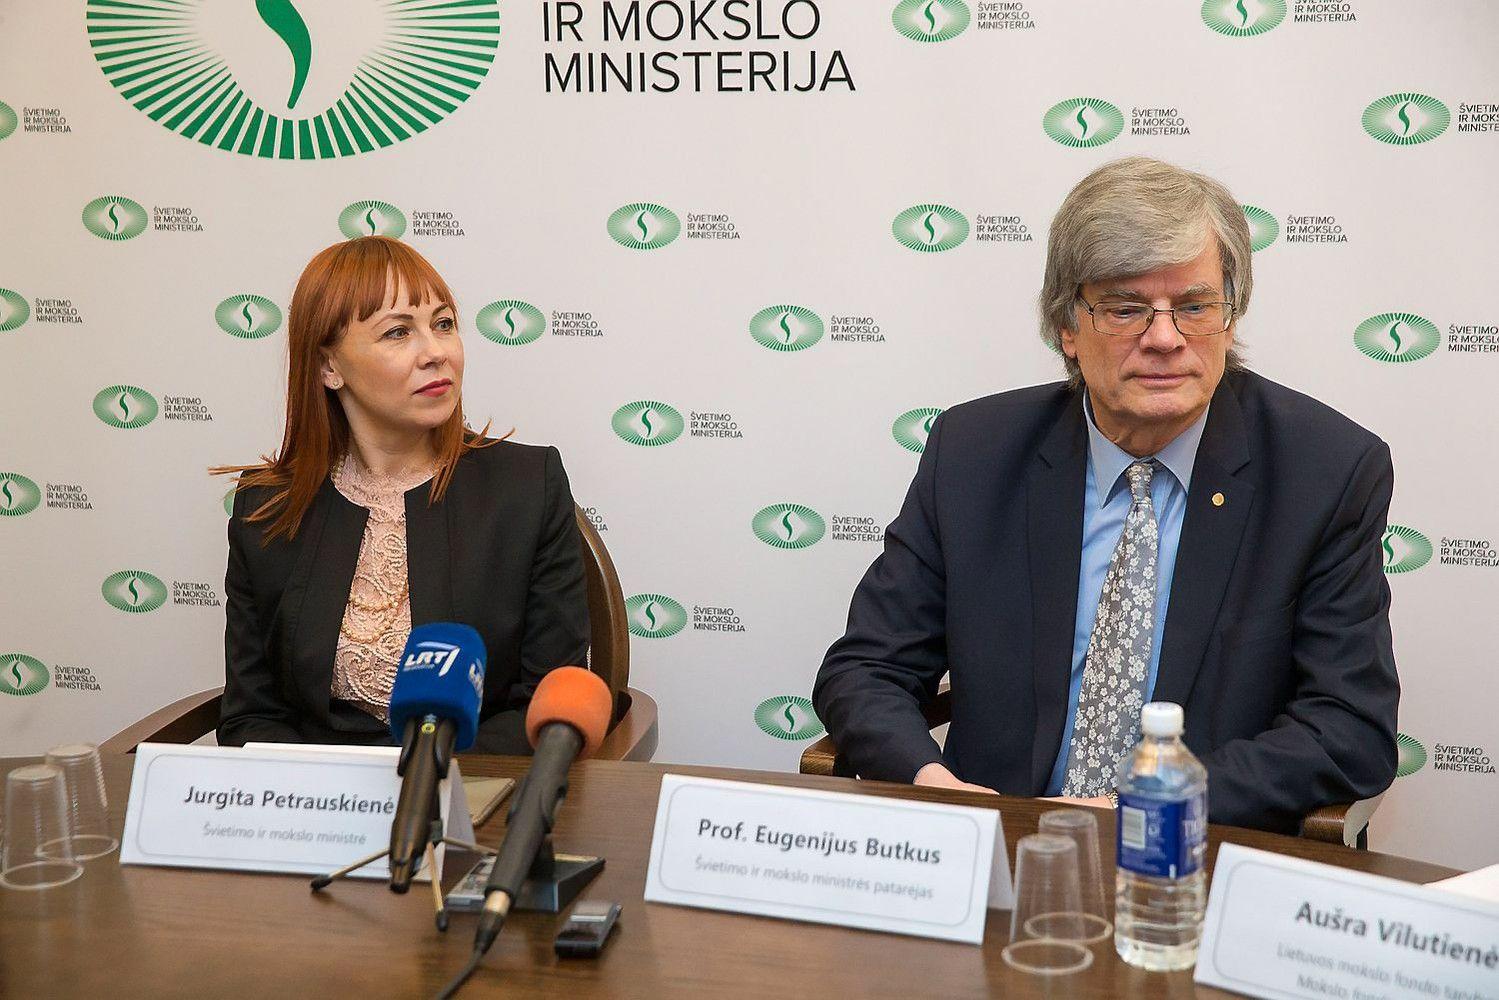 Atrišo pinigų maišą: mokslui skirs 49 mln. Eur